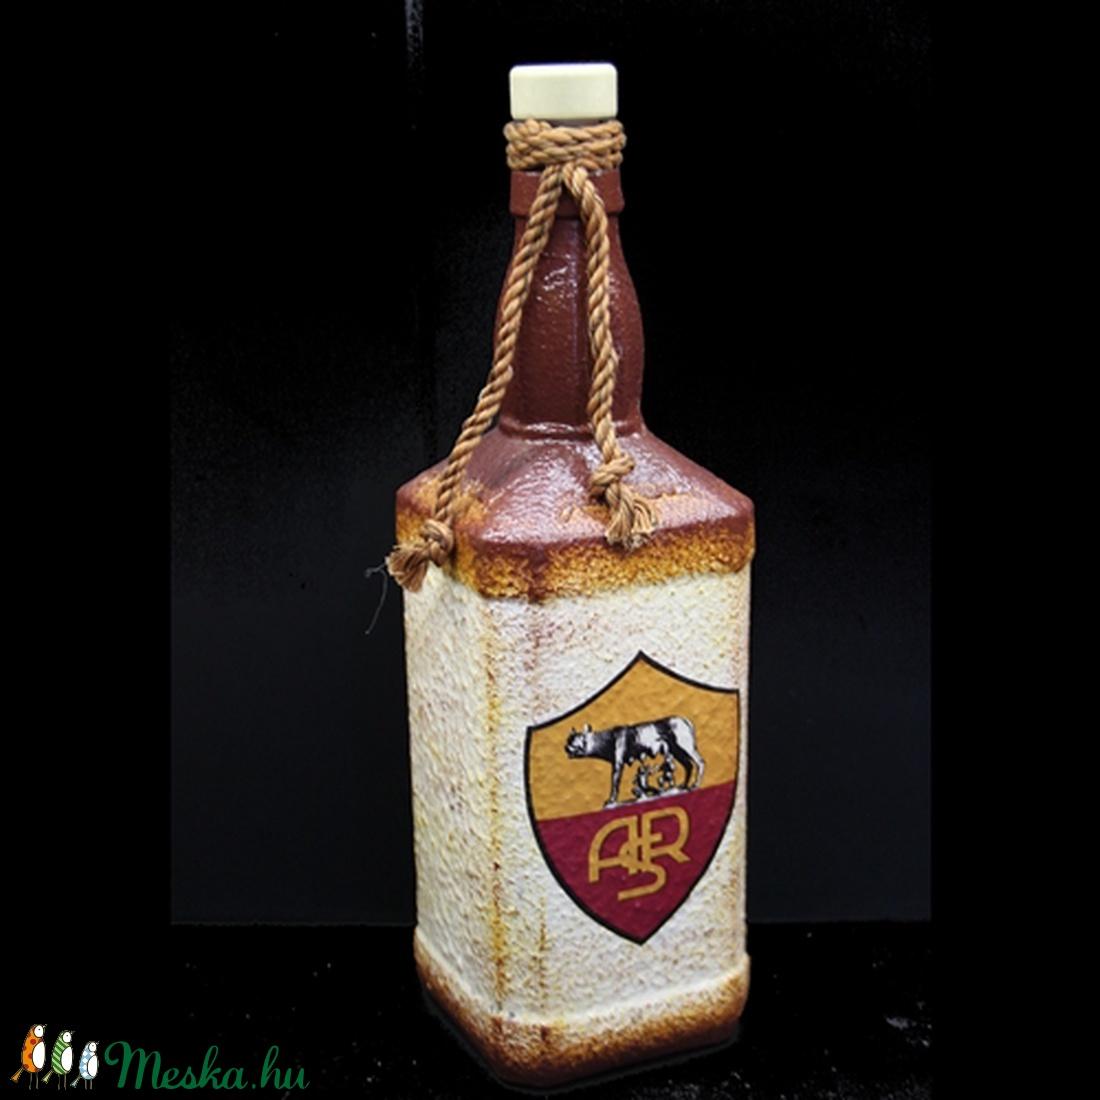 AS ROMA  emblémával díszített  pálinkás üveg ( 0,75 l üveg )  (decorfantasy) - Meska.hu